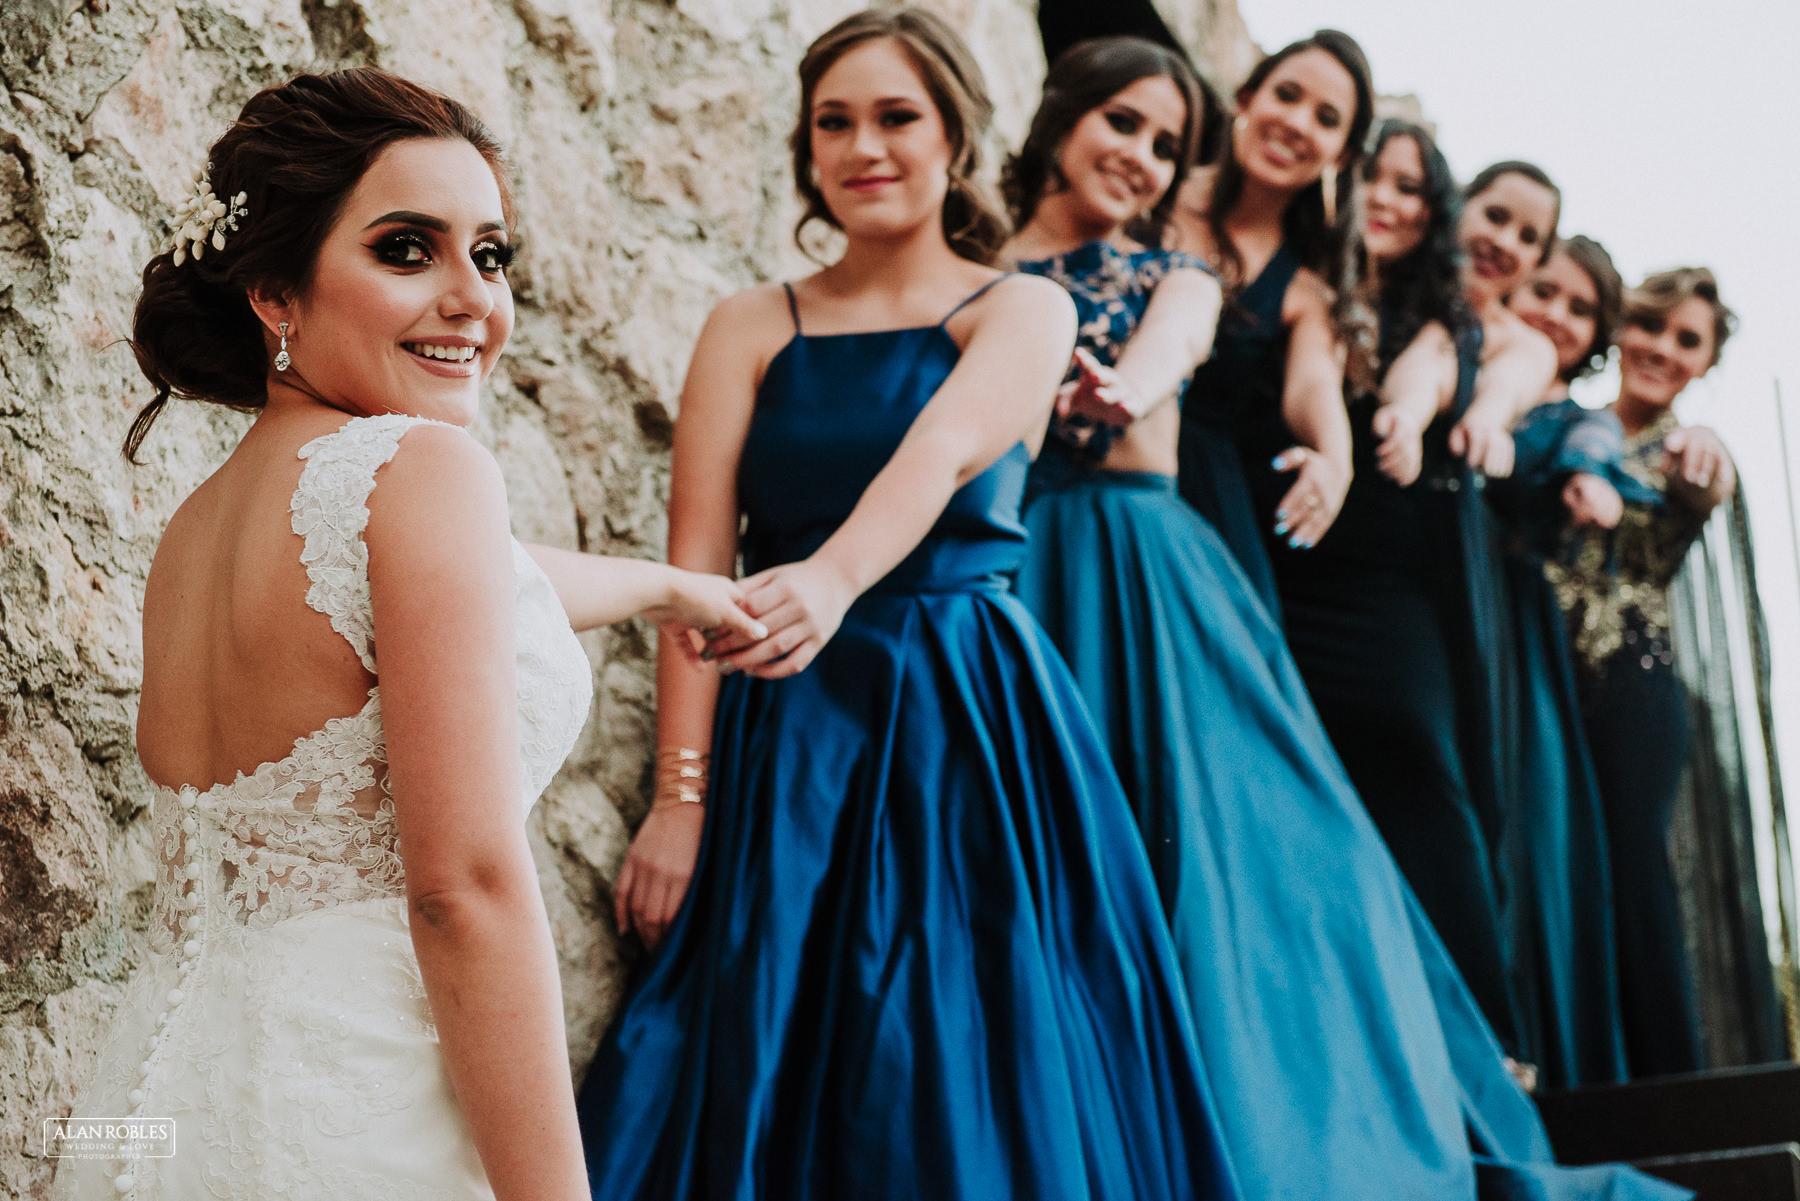 Fotografo de bodas Alan Robles-Casa Clementina Guadalajara DyA-40